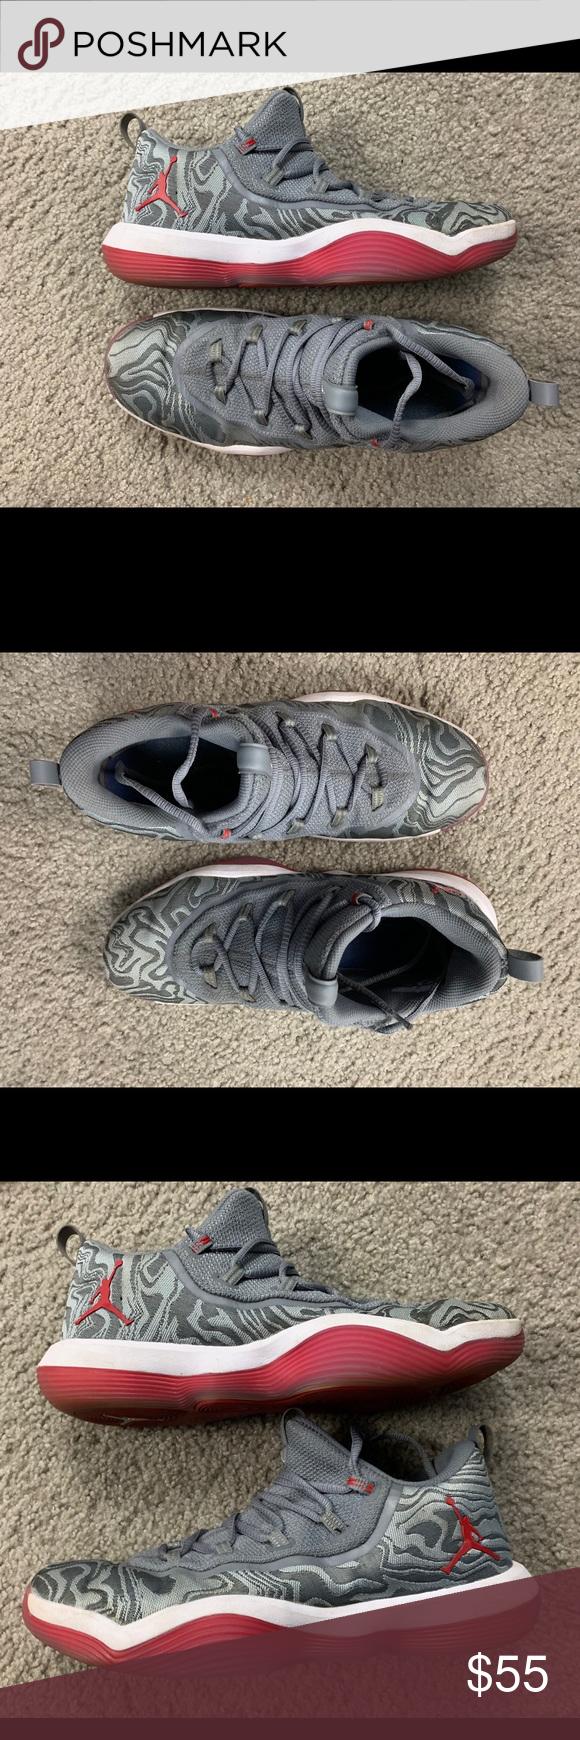 be38ac09938e9f Nike Air Jordan Super.Fly 2017 Low AA2547-004 9.5 Nike Air Jordan Super